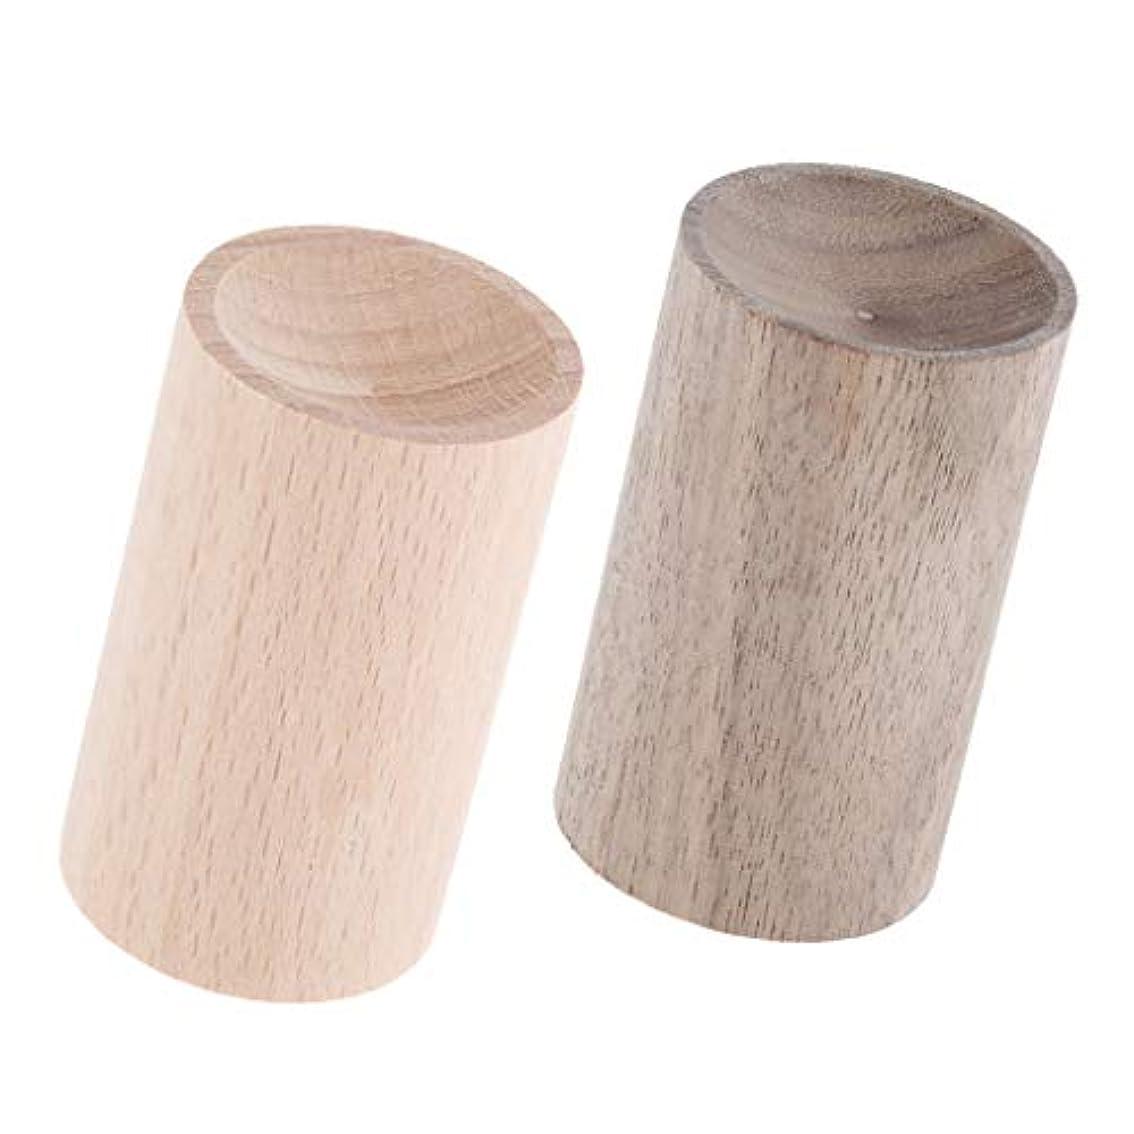 ルーディスコエステートエッセンシャルオイルディフューザー 芳香剤 手作り 天然木 車 家 オフィス 2ピース